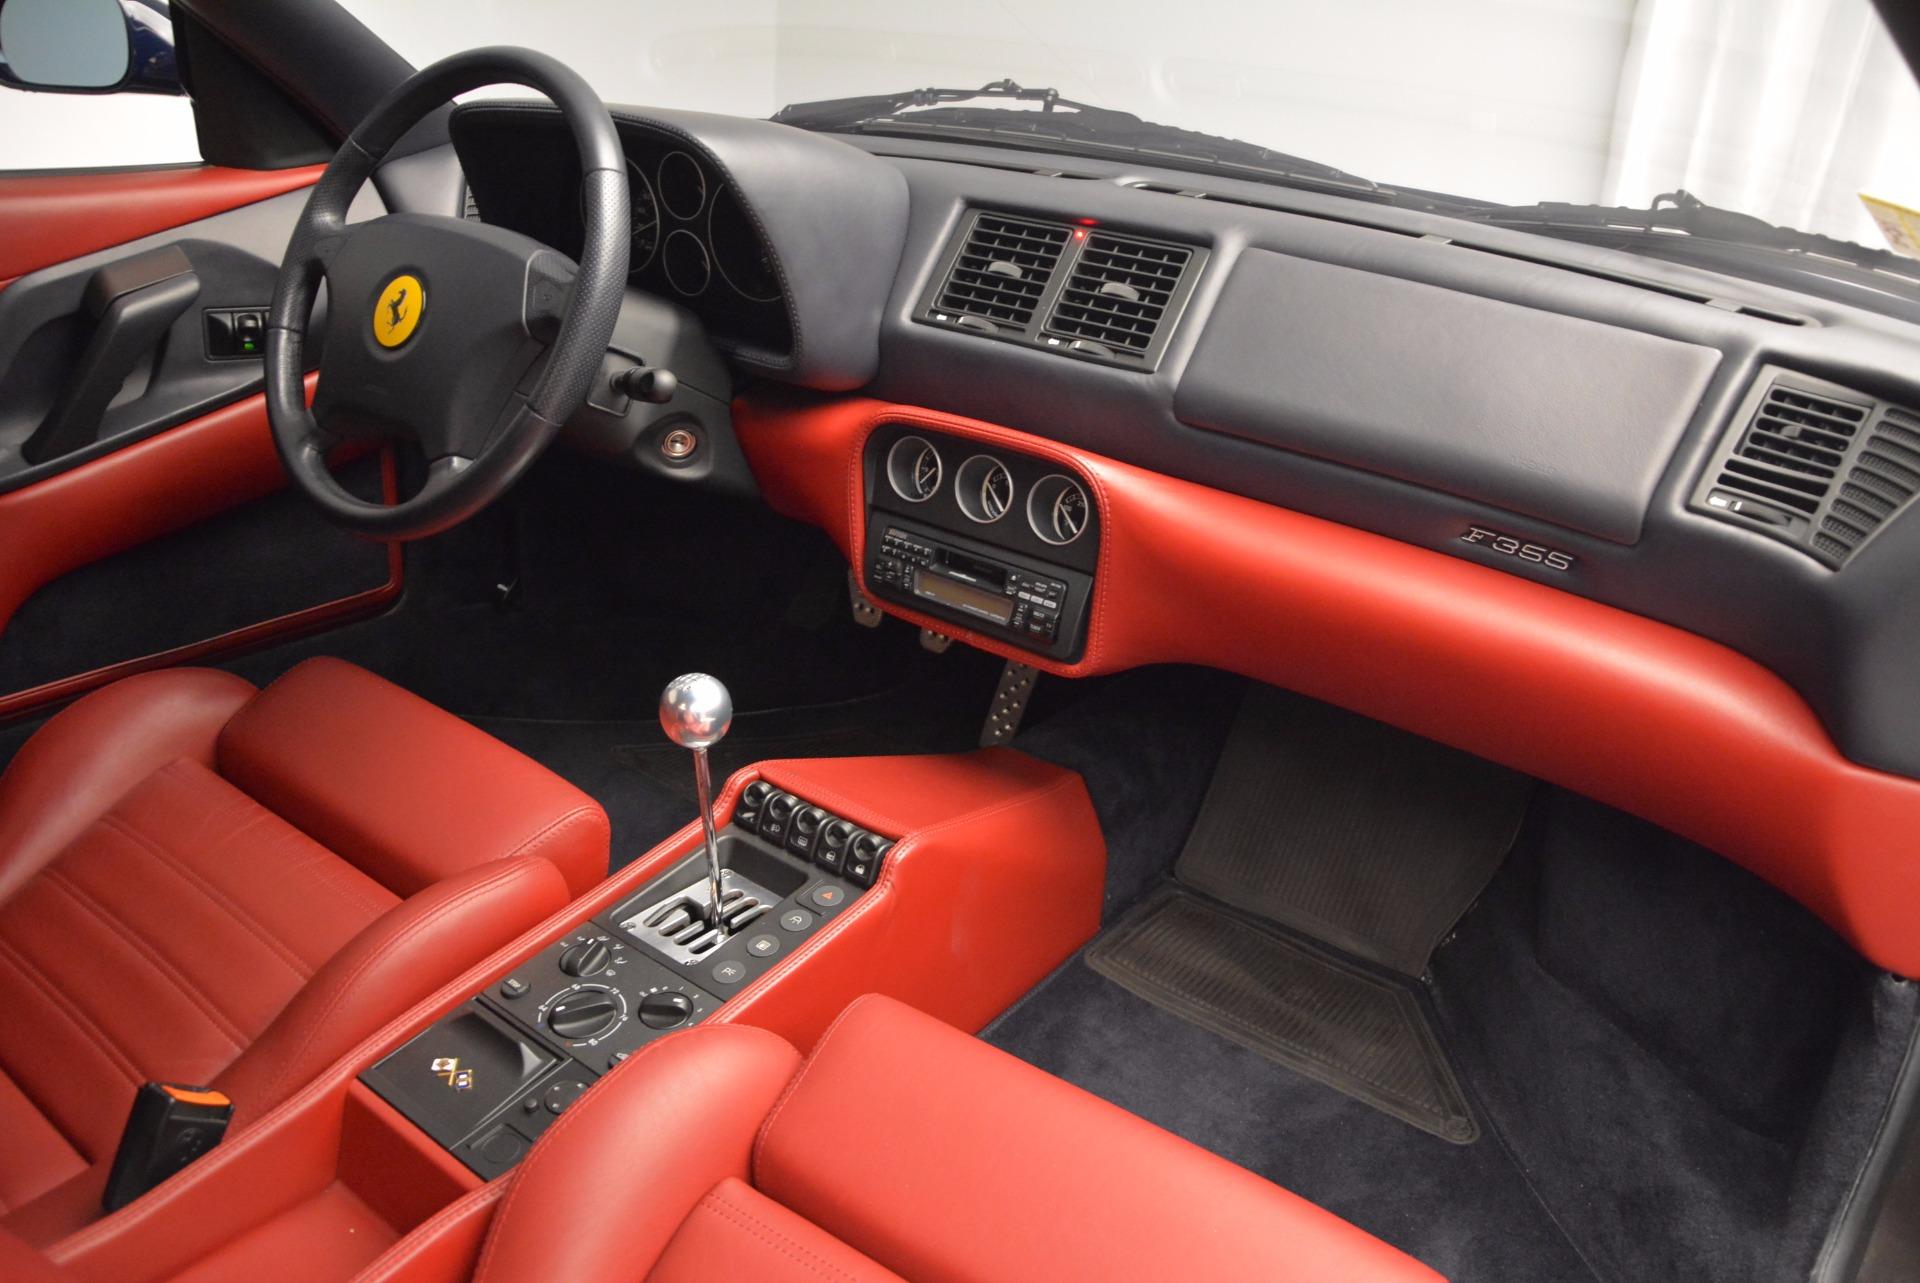 Used 1999 Ferrari 355 Berlinetta For Sale In Greenwich, CT 855_p18